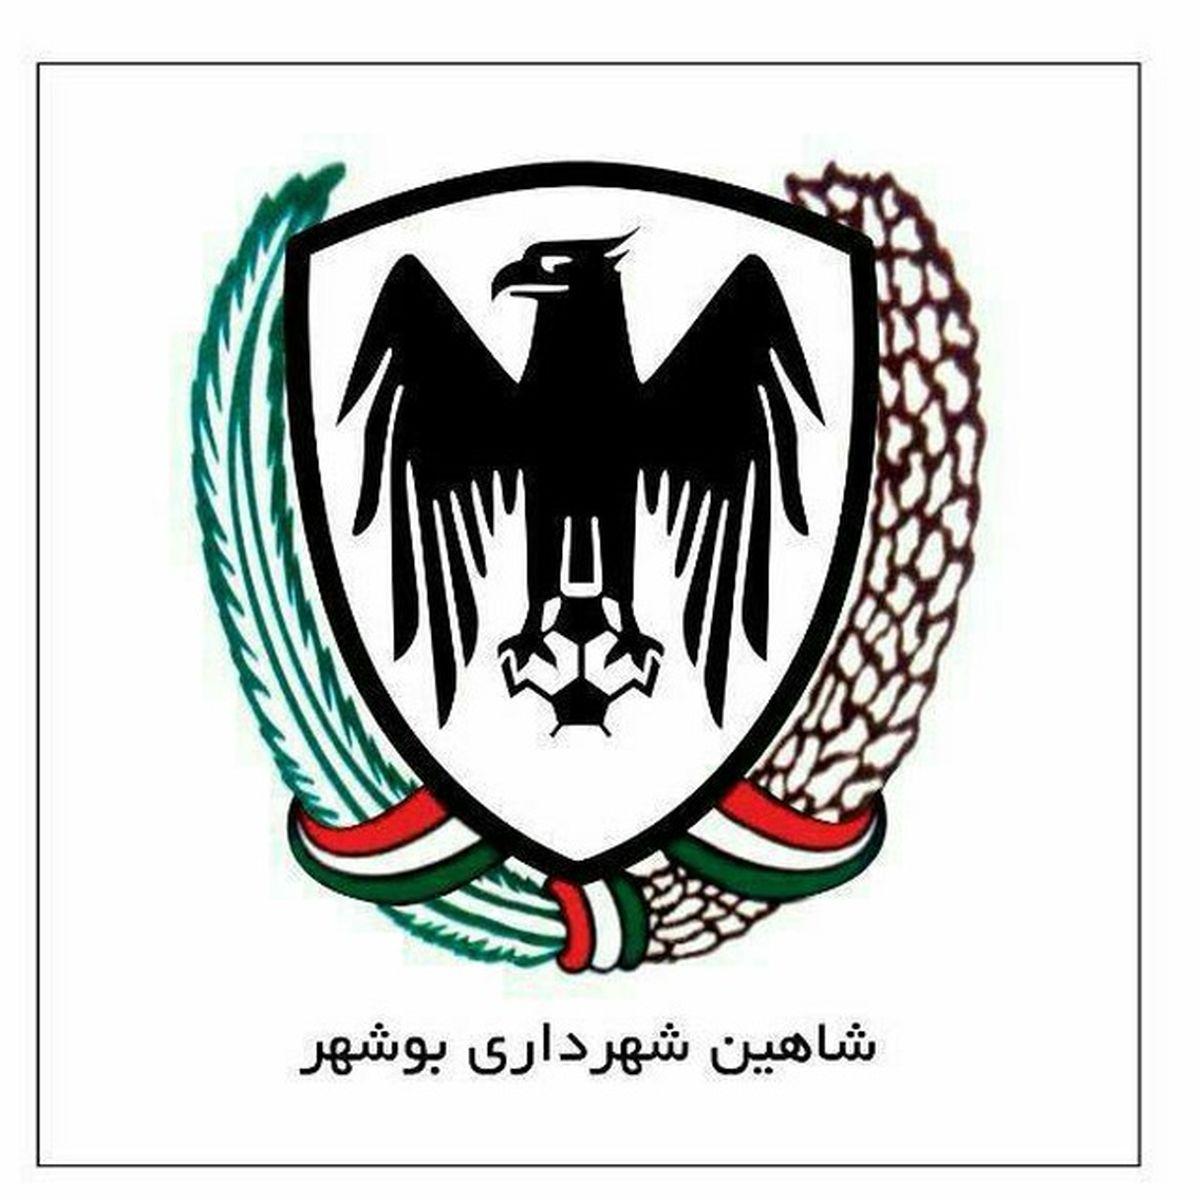 اختصاصی/ سرمربی شاهین بوشهر مشخص شد